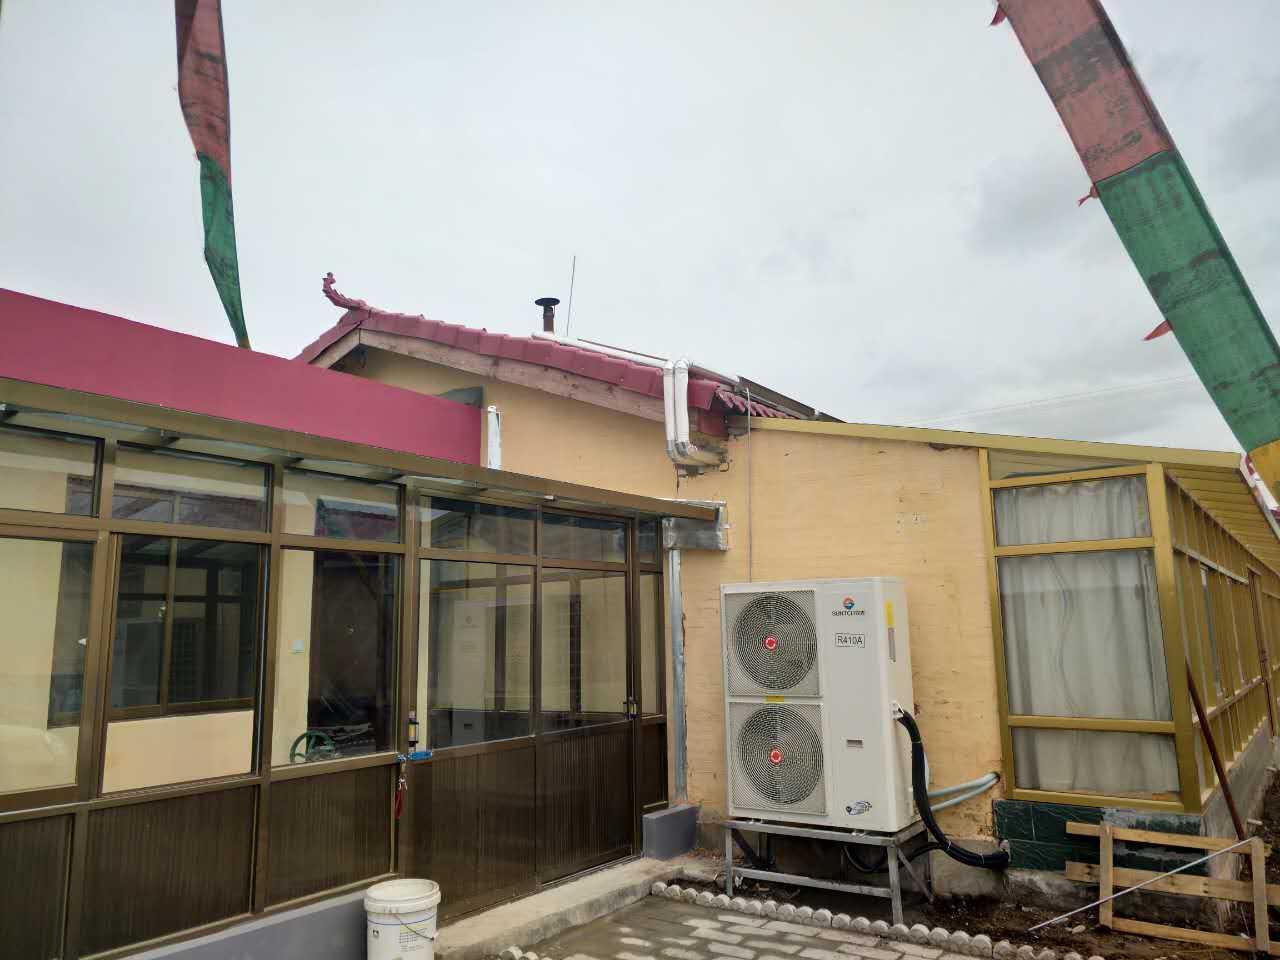 甘肃空气能采暖:甘南州碌曲县尕秀镇美丽乡村空气能+太阳能双能源采暖项目《甘肃省空气能采暖示范项目》